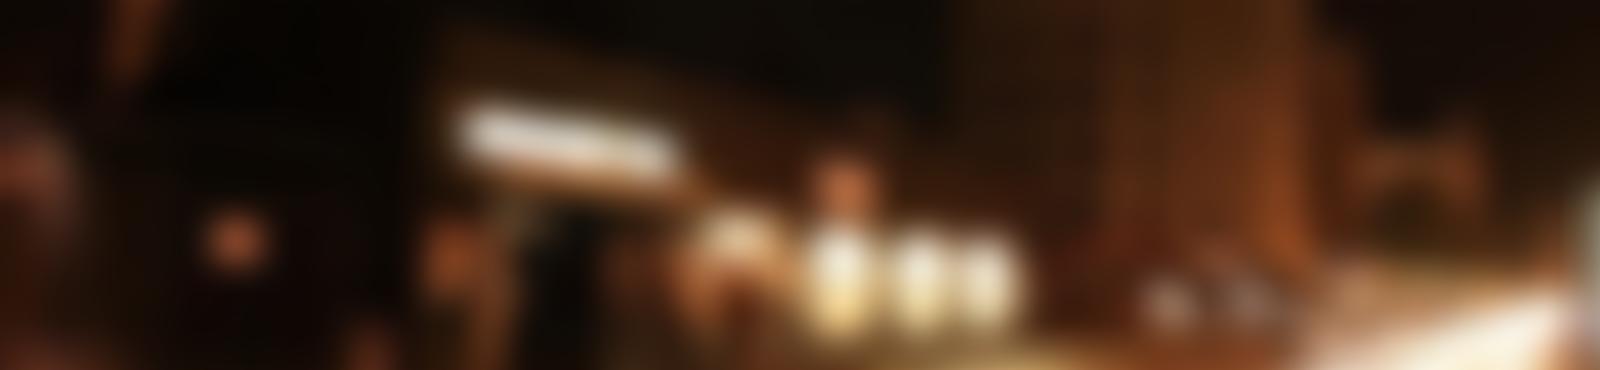 Blurred 459278 318195238249772 552463744 o